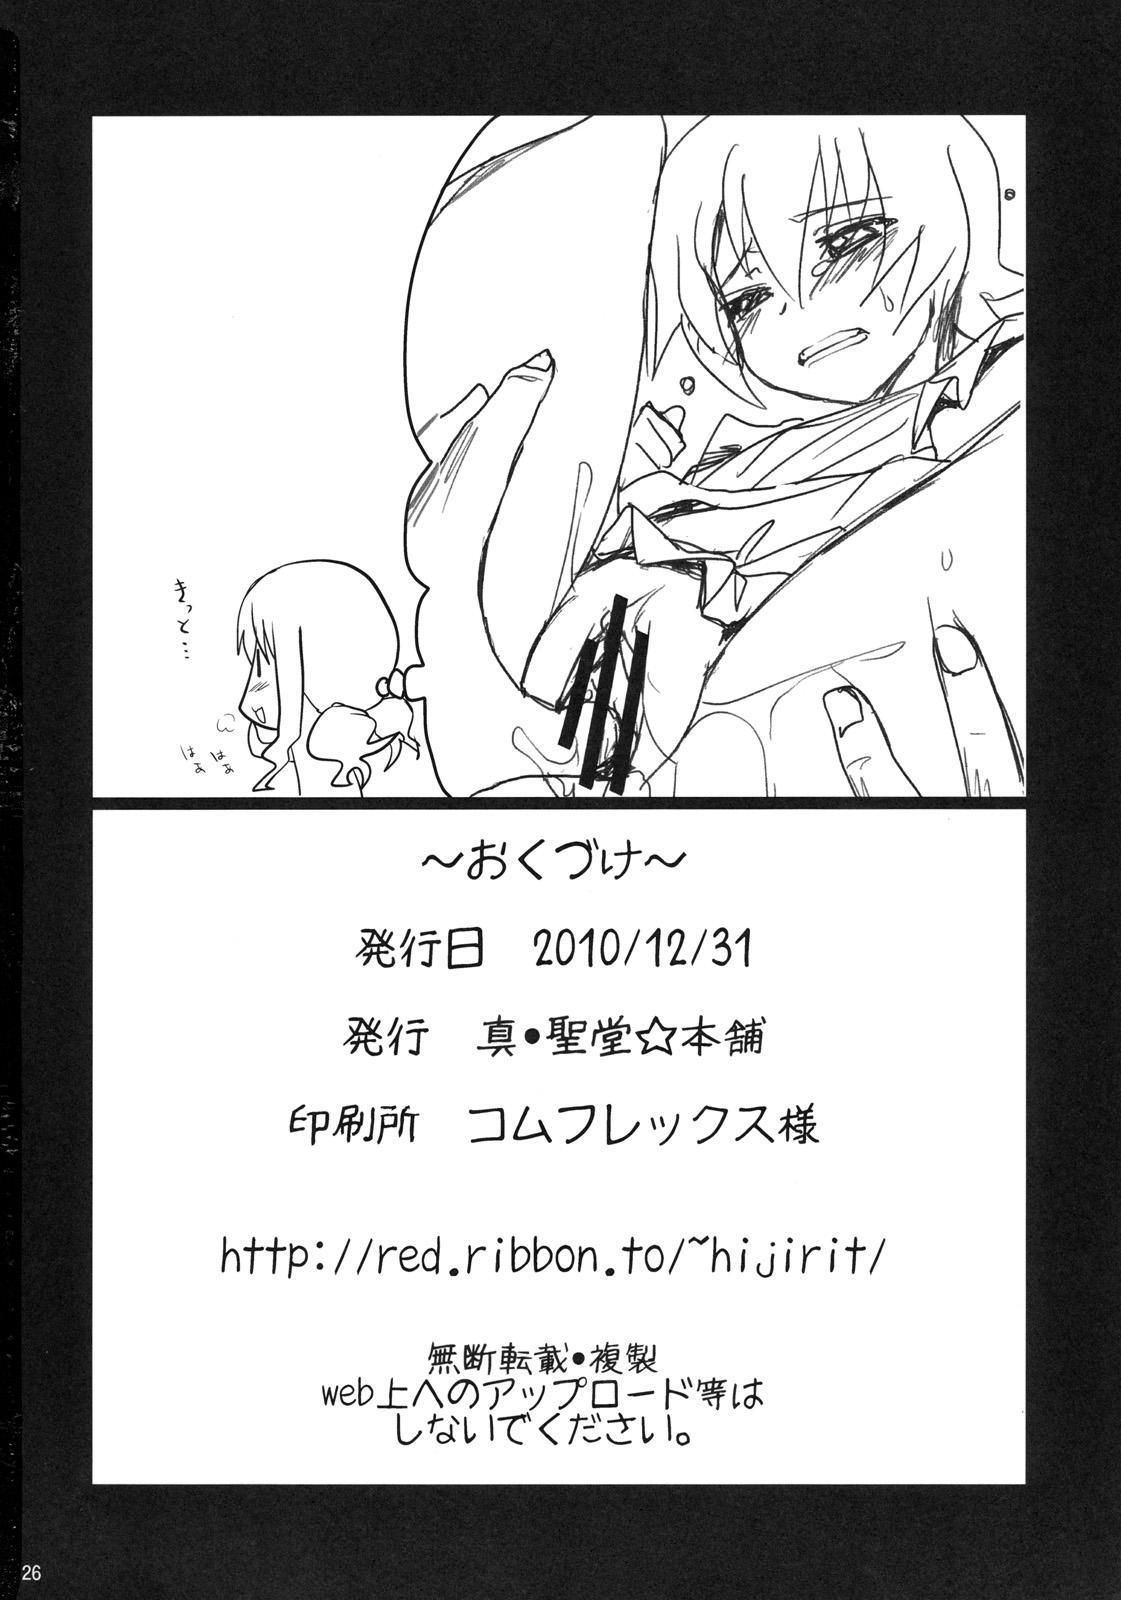 Precure Henshin no Eikyou to, Oniichan ni Momareta sei de, Oppai ga Ookiku natta Itsuki no Ohanashi. 24